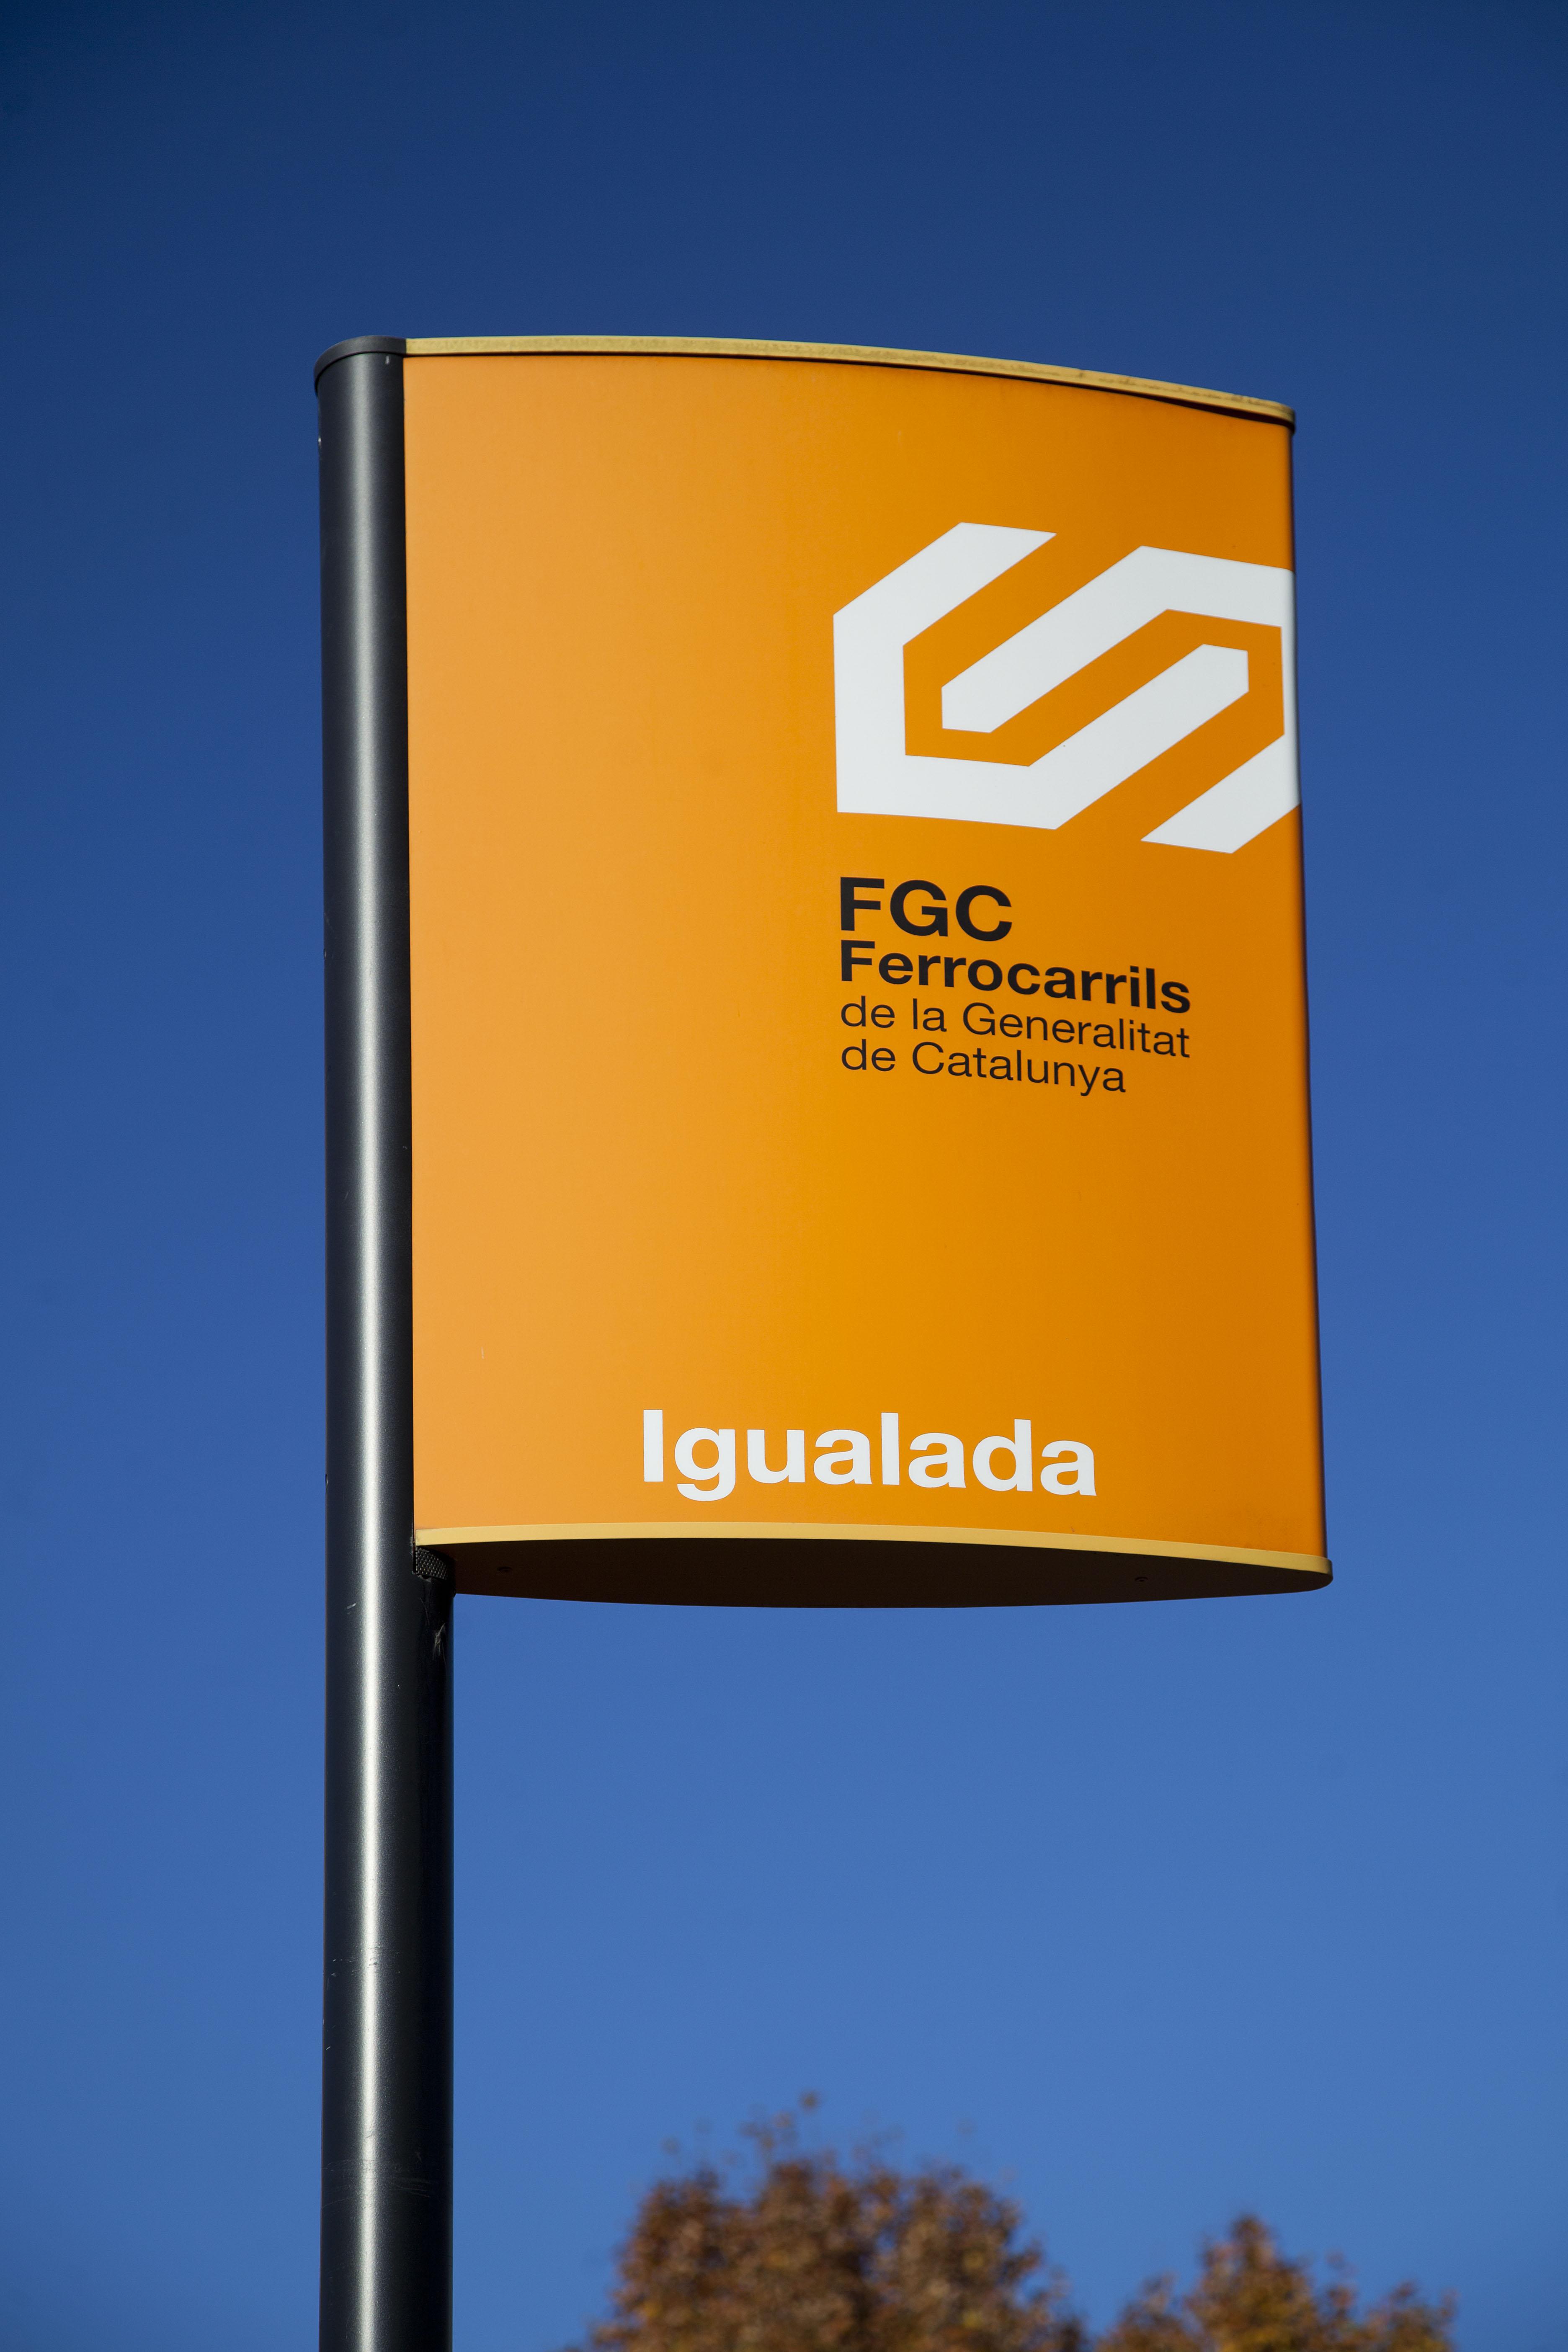 IGUALADA-FGC